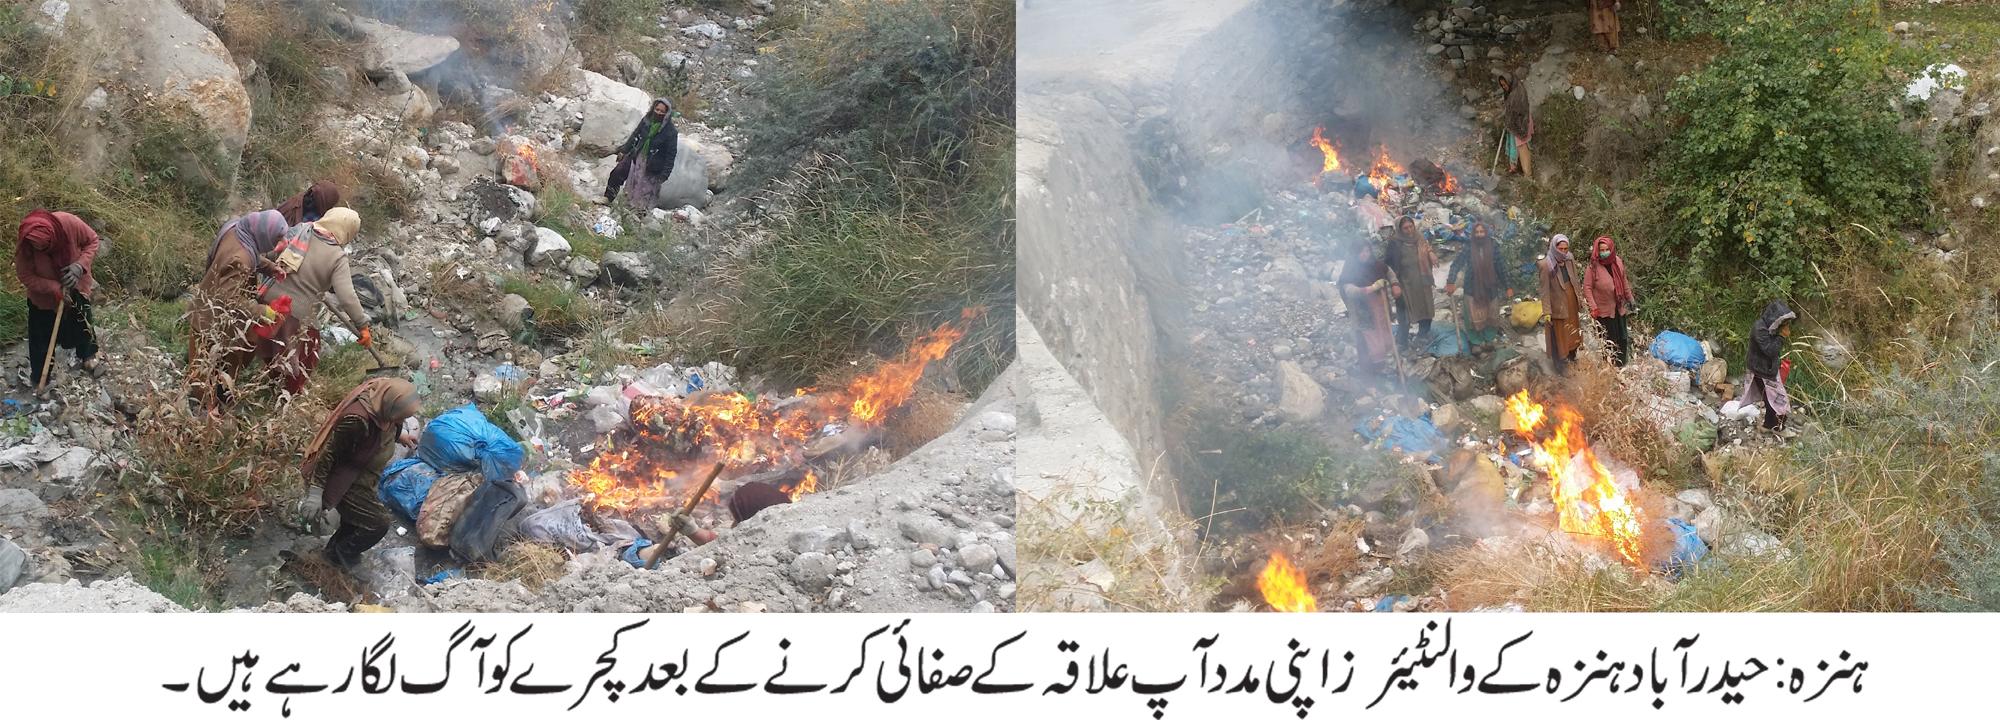 ہنزہ: حیدر آباد میں والینٹیرز، بوائزسکاؤٹس اور گرلز گائیڈز نے ہفتہ صفائی منایا